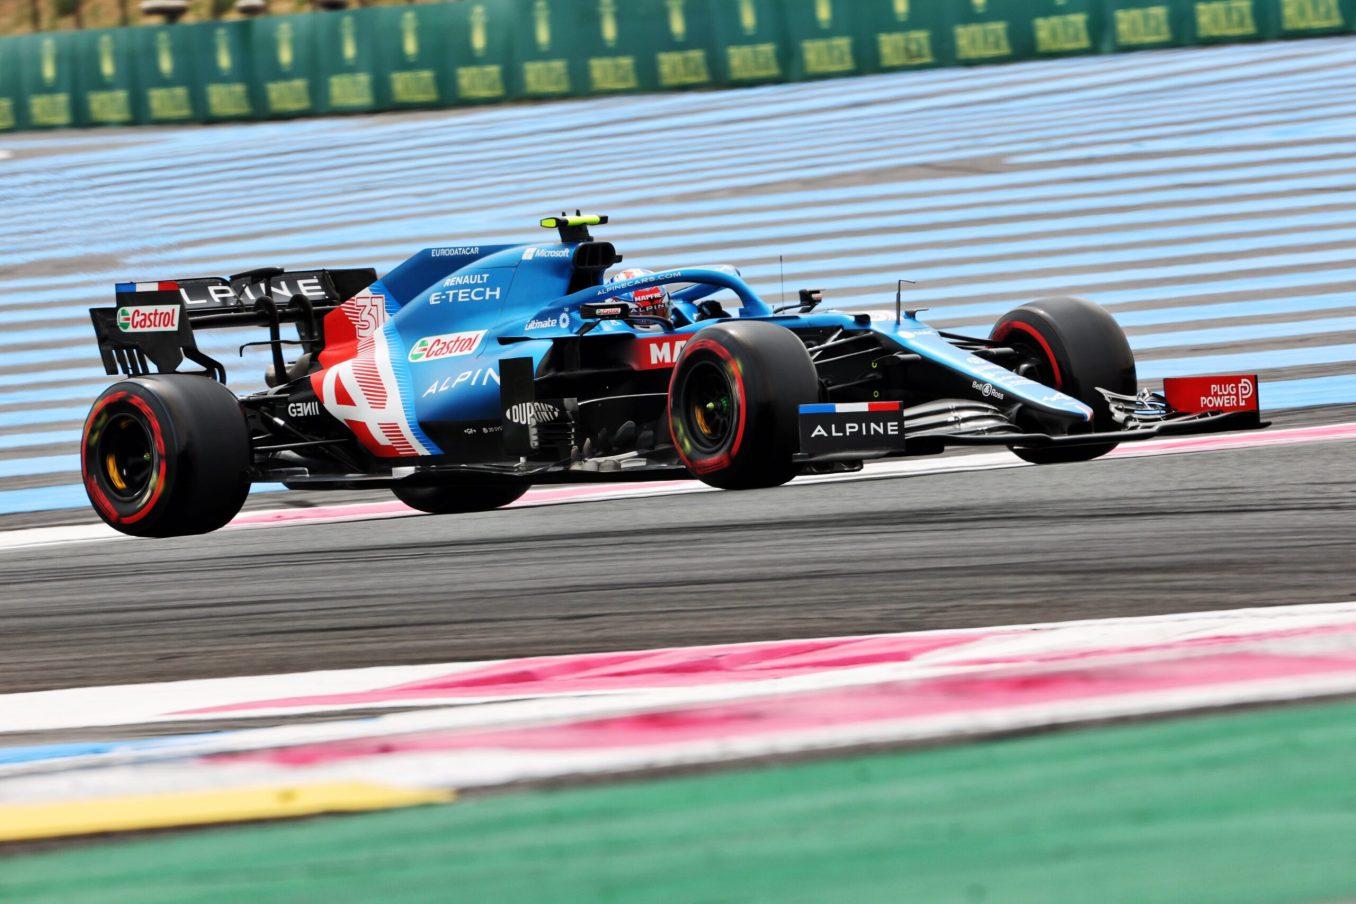 Alpine F1 Team A521 Alonso Ocon Castellet GP FRance 2021 8 scaled | Alpine F1 : Alonso entre en Q3, Ocon bloque en Q2 au Grand-Prix de France